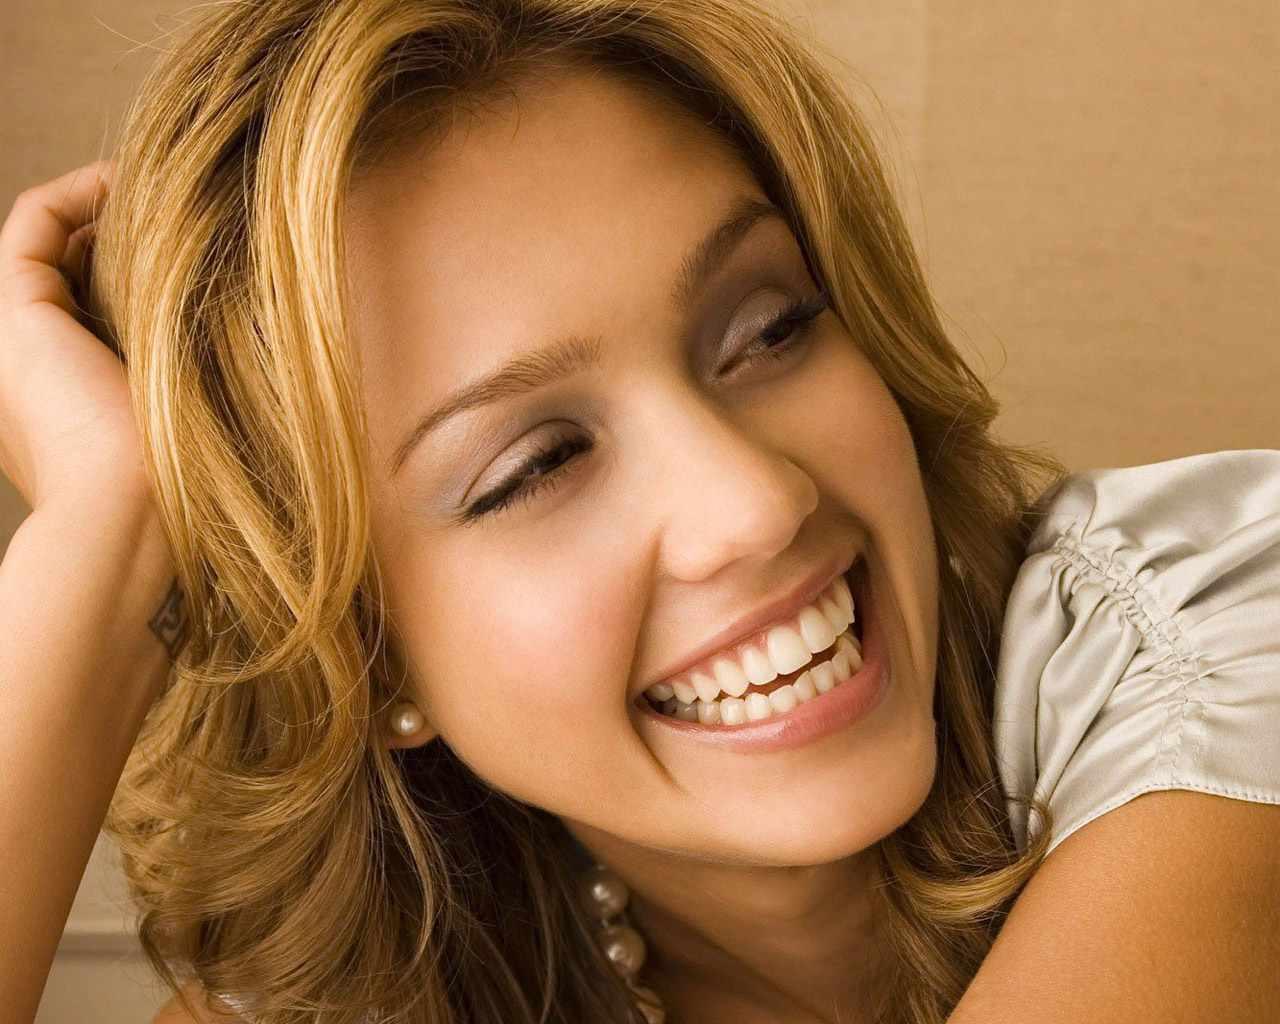 http://2.bp.blogspot.com/-3-6rbdi1I_8/TkS6Sa56iqI/AAAAAAAAA0w/baOAFUt3JFc/s1600/jessica-alba-wallpaper.jpg